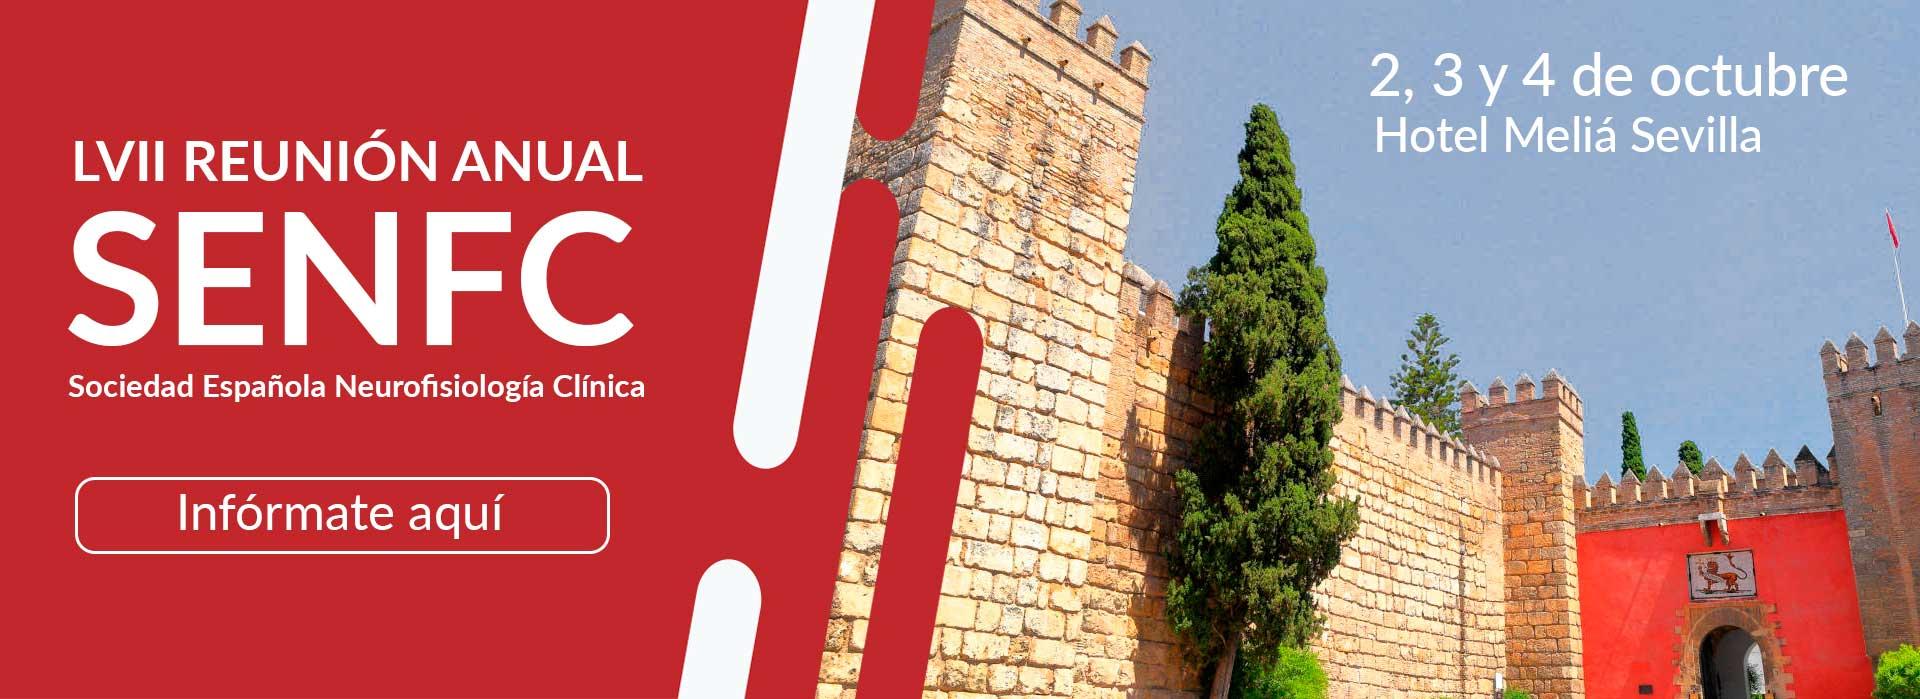 LVII Reunión Anual de la Sociedad Española de Neurofisiología Clínica